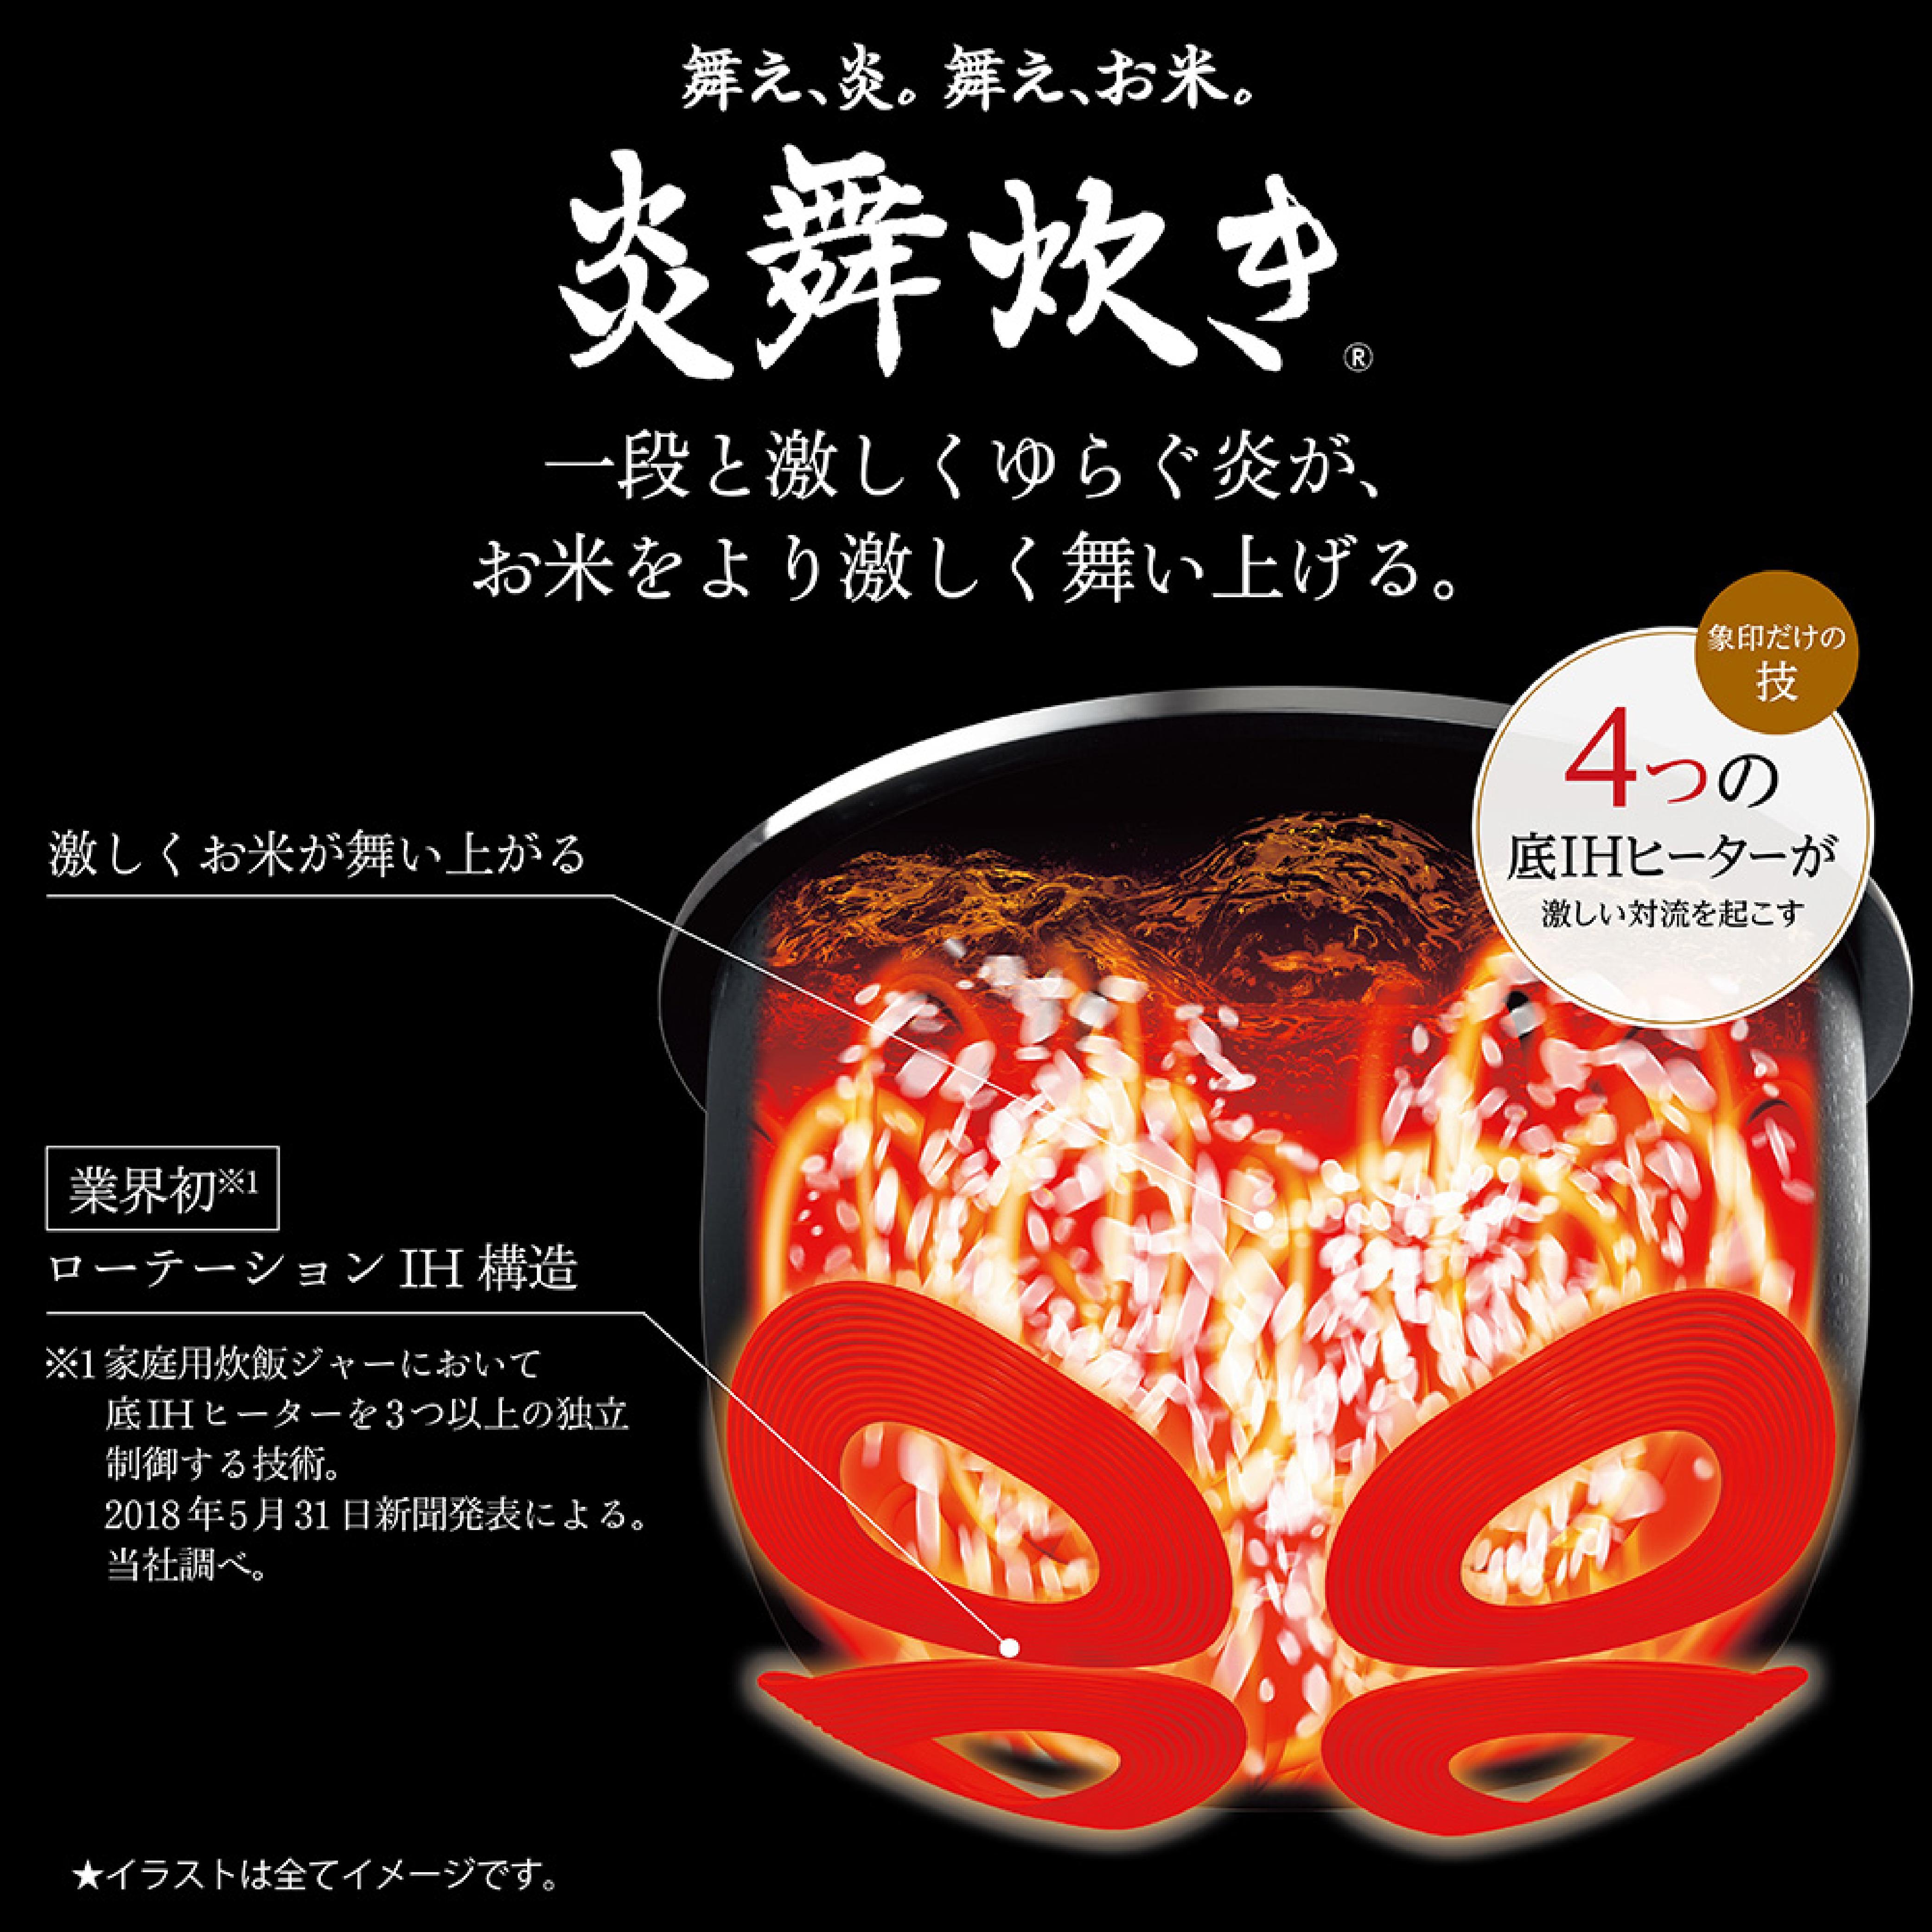 【象印】5.5合炊き 炎舞炊き圧力IH炊飯ジャー NW-PS10(BZ)